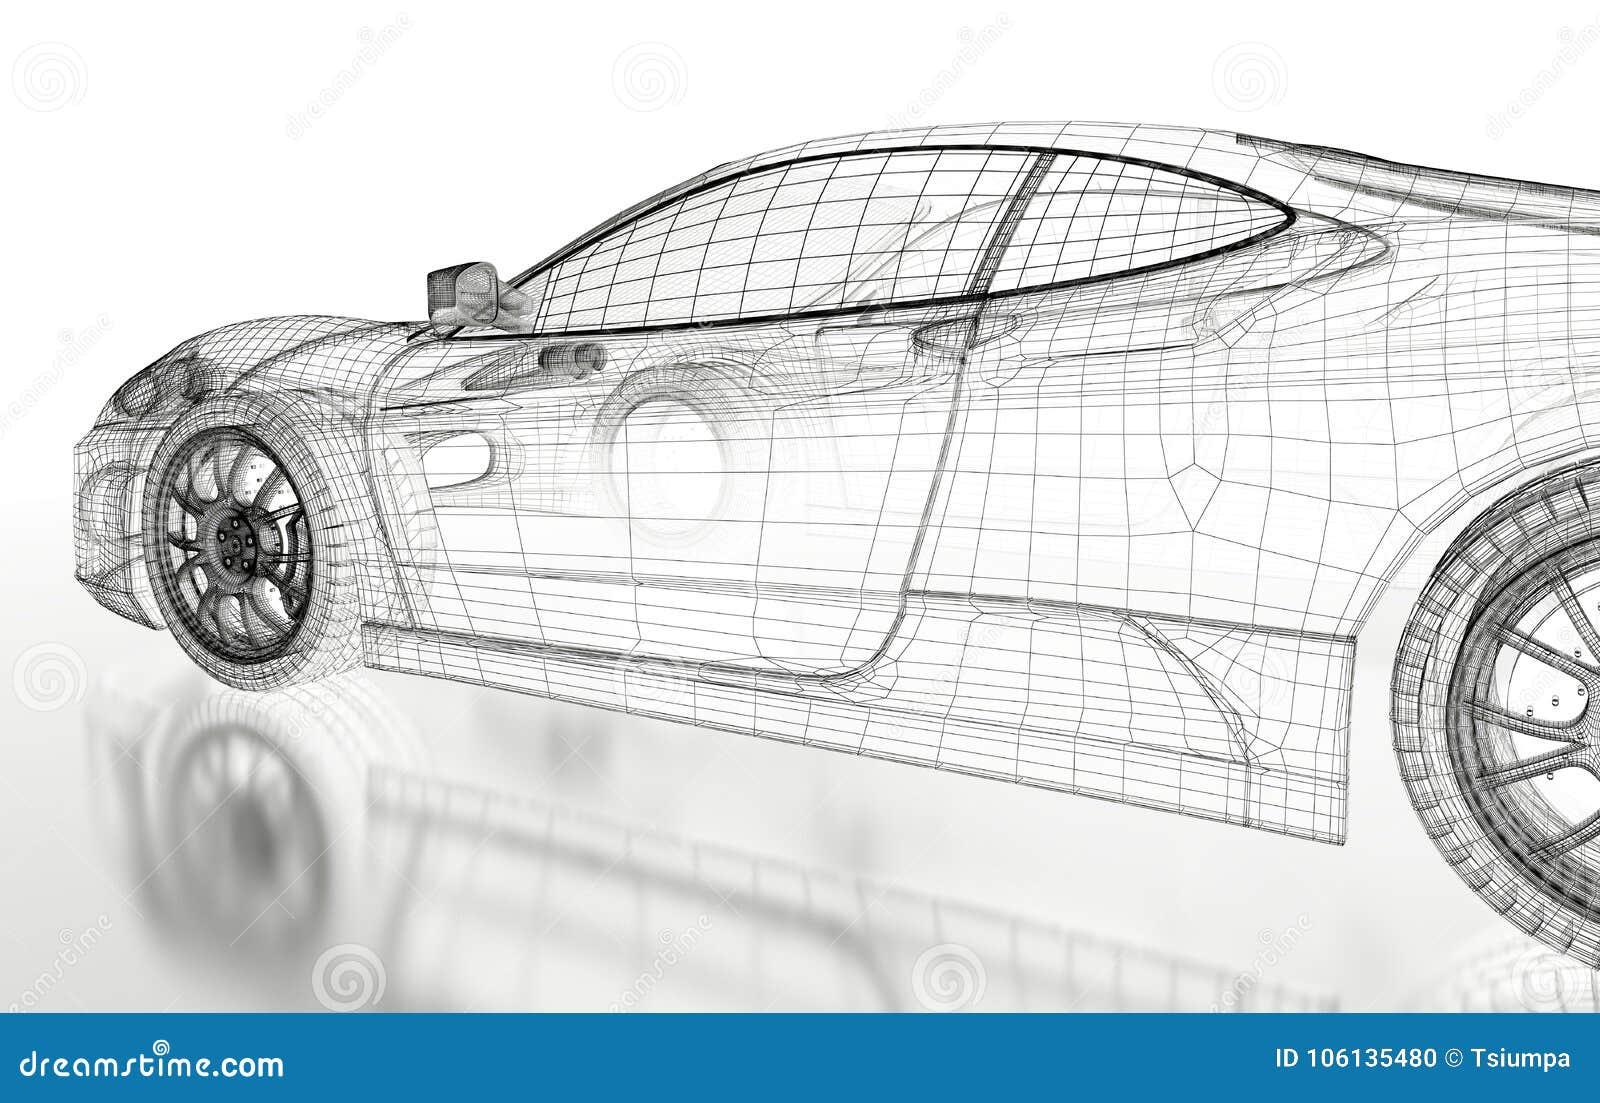 3D car mesh on a white stock illustration. Illustration of rendering ...